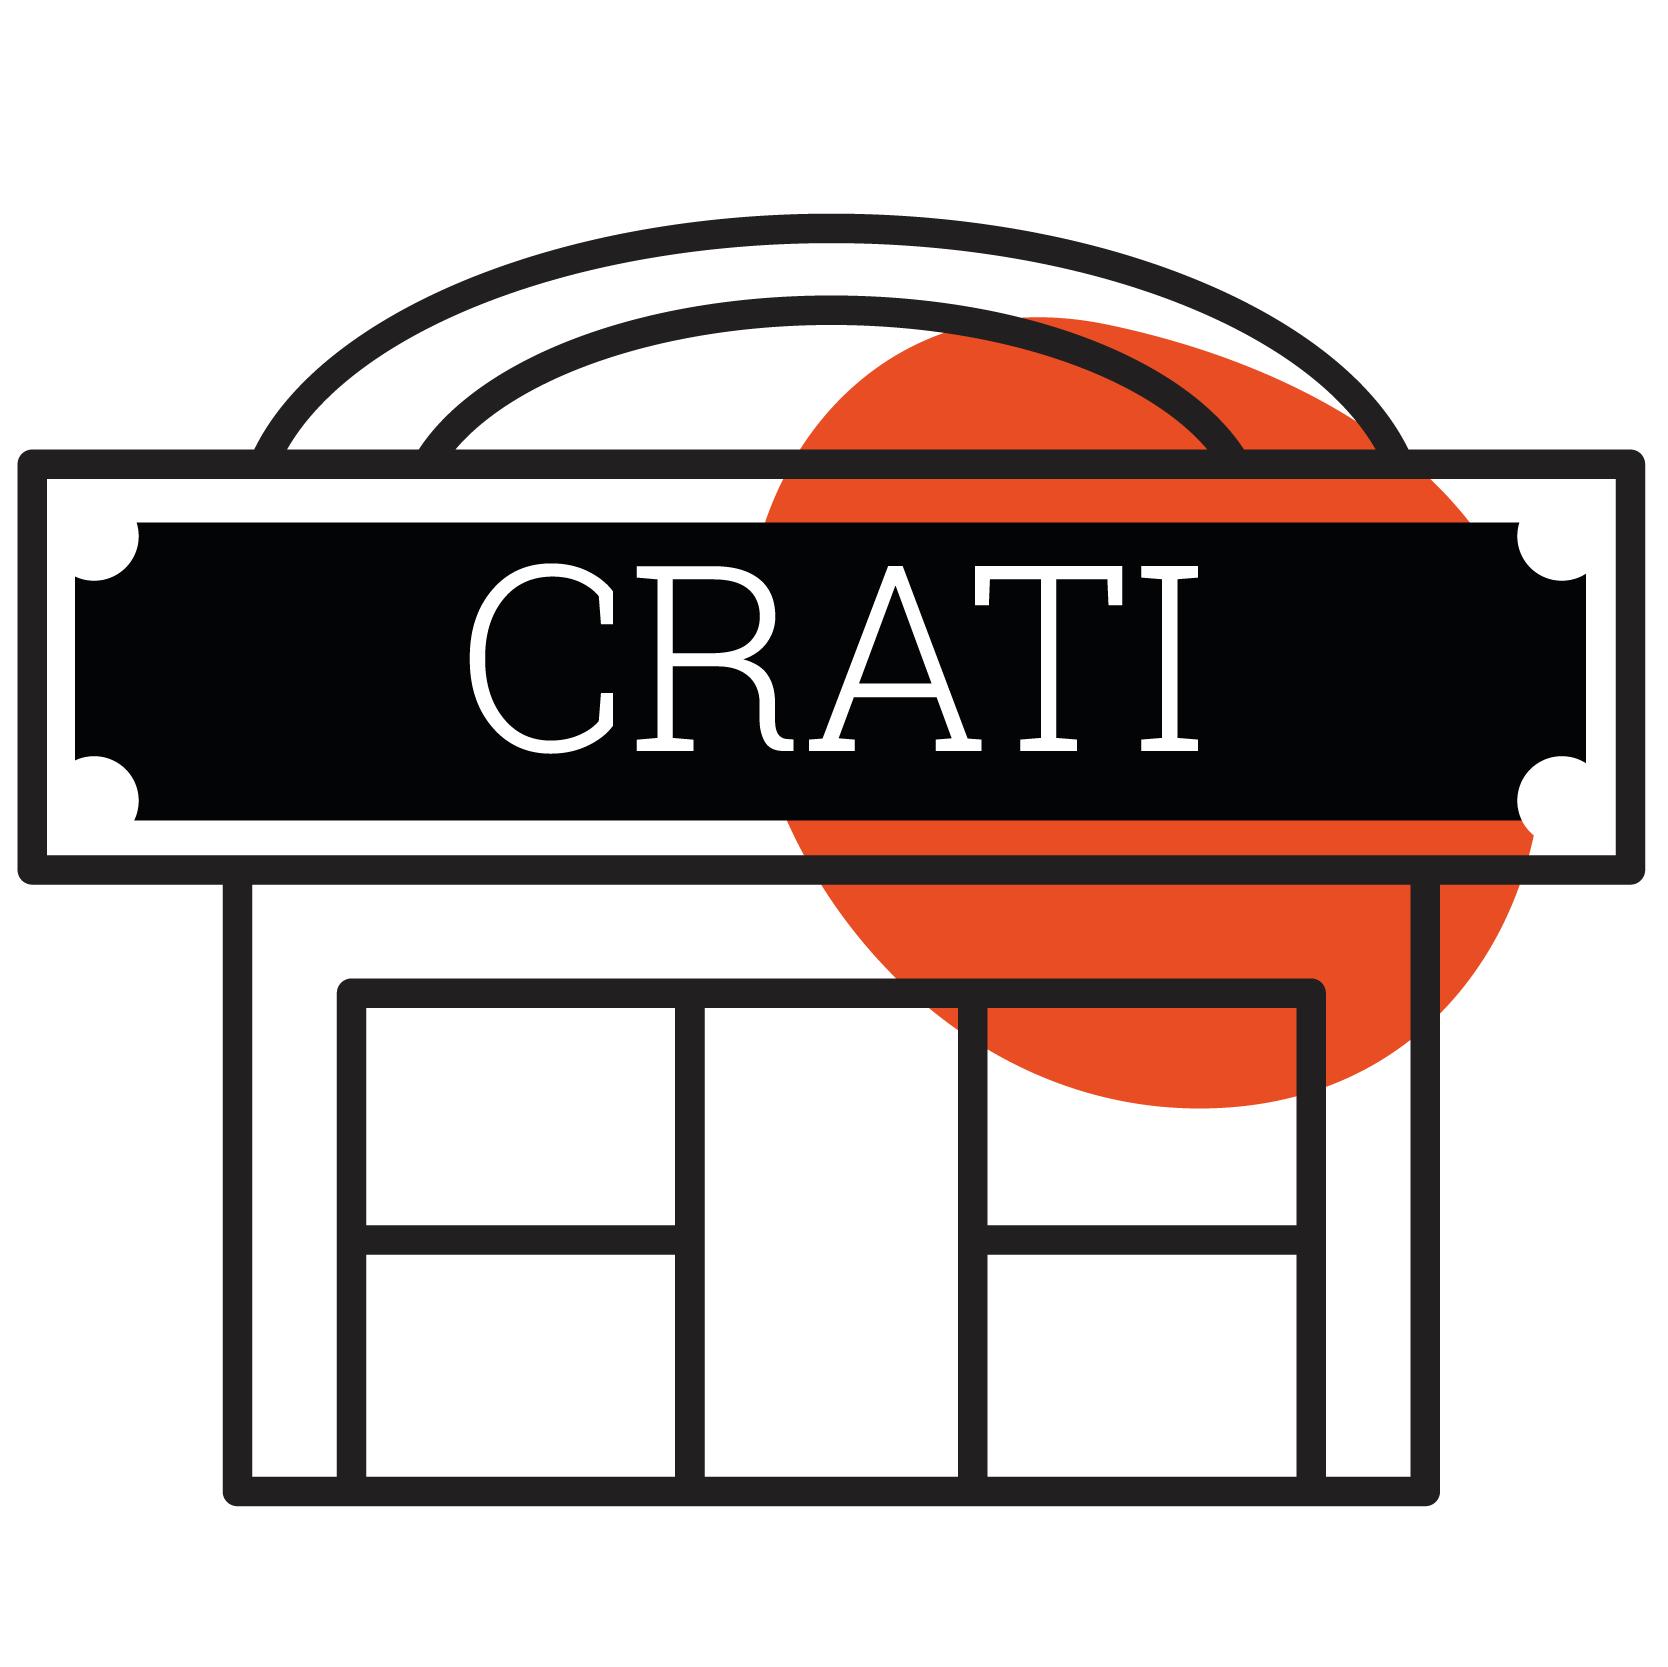 mercato crati roma